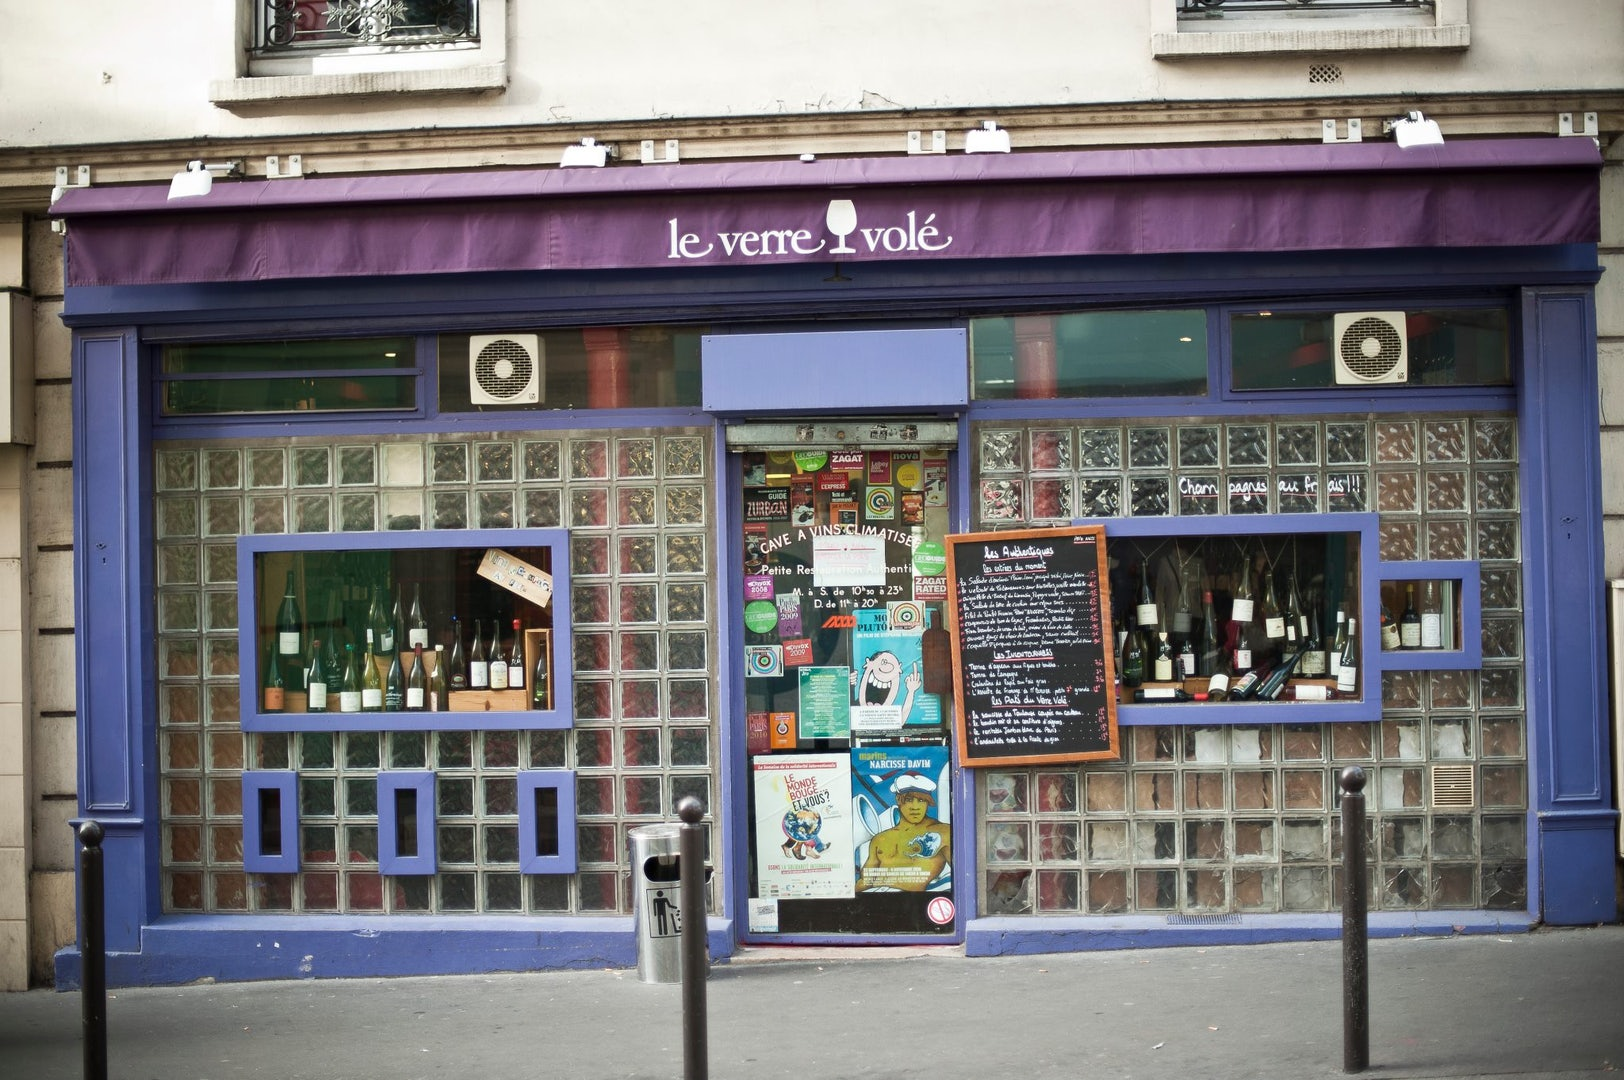 Paris - Le Verre Volé